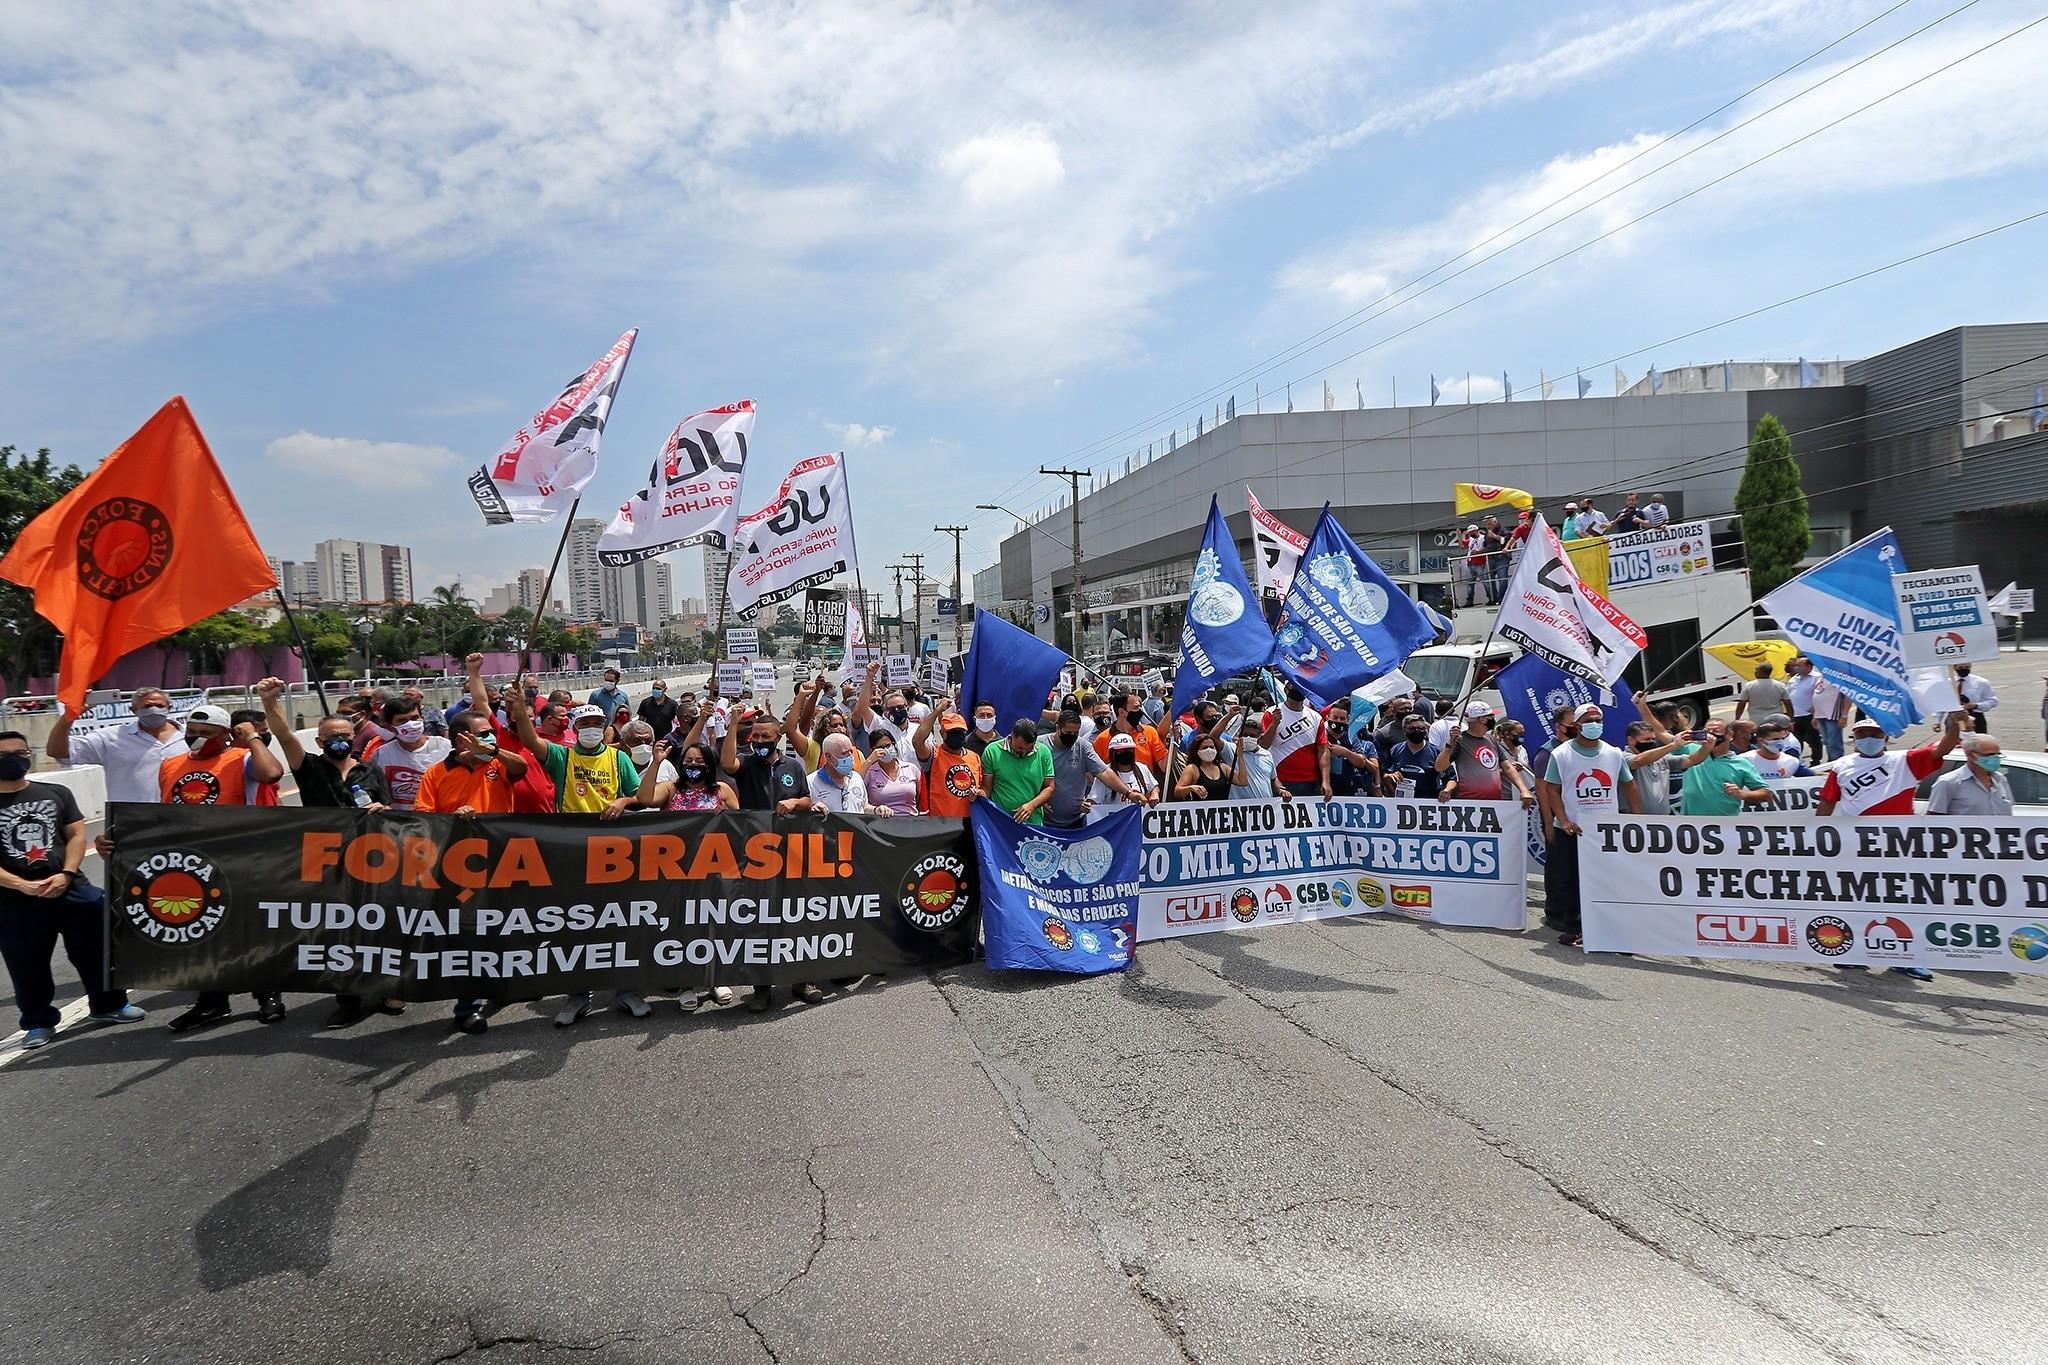 Protesto em frente a concessionária da Ford, em janeiro, em São Paulo (Adonis Guerra/via Fotos Públicas)